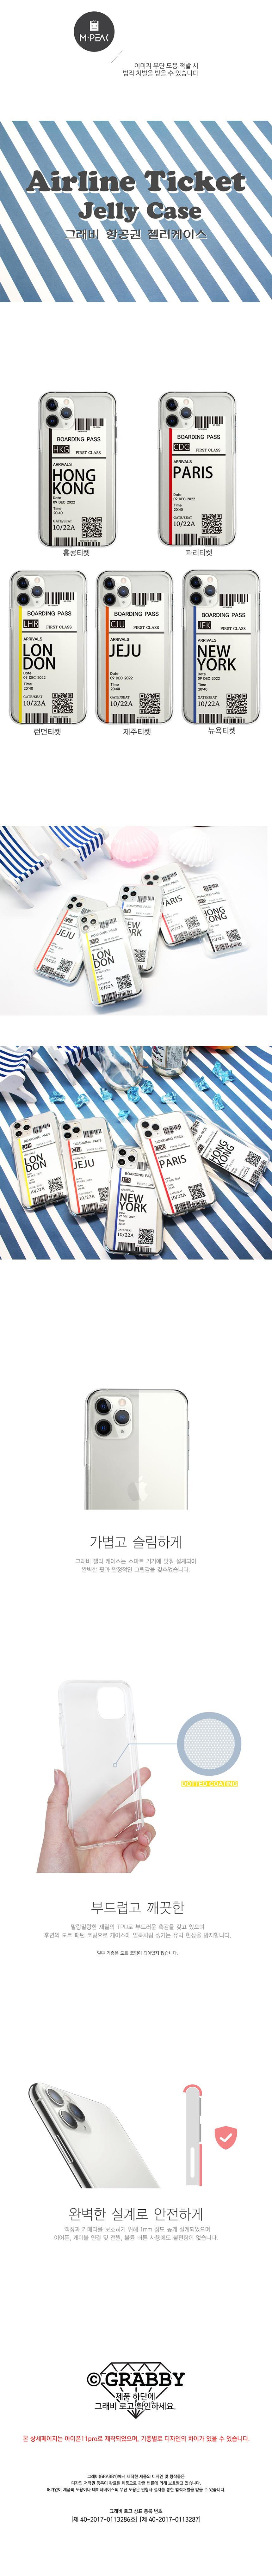 아이폰 갤럭시 그래비 항공권 보딩패스 젤리 케이스11,120원-피에이치원디지털, 애플, 케이스, 아이폰XS바보사랑아이폰 갤럭시 그래비 항공권 보딩패스 젤리 케이스11,120원-피에이치원디지털, 애플, 케이스, 아이폰XS바보사랑